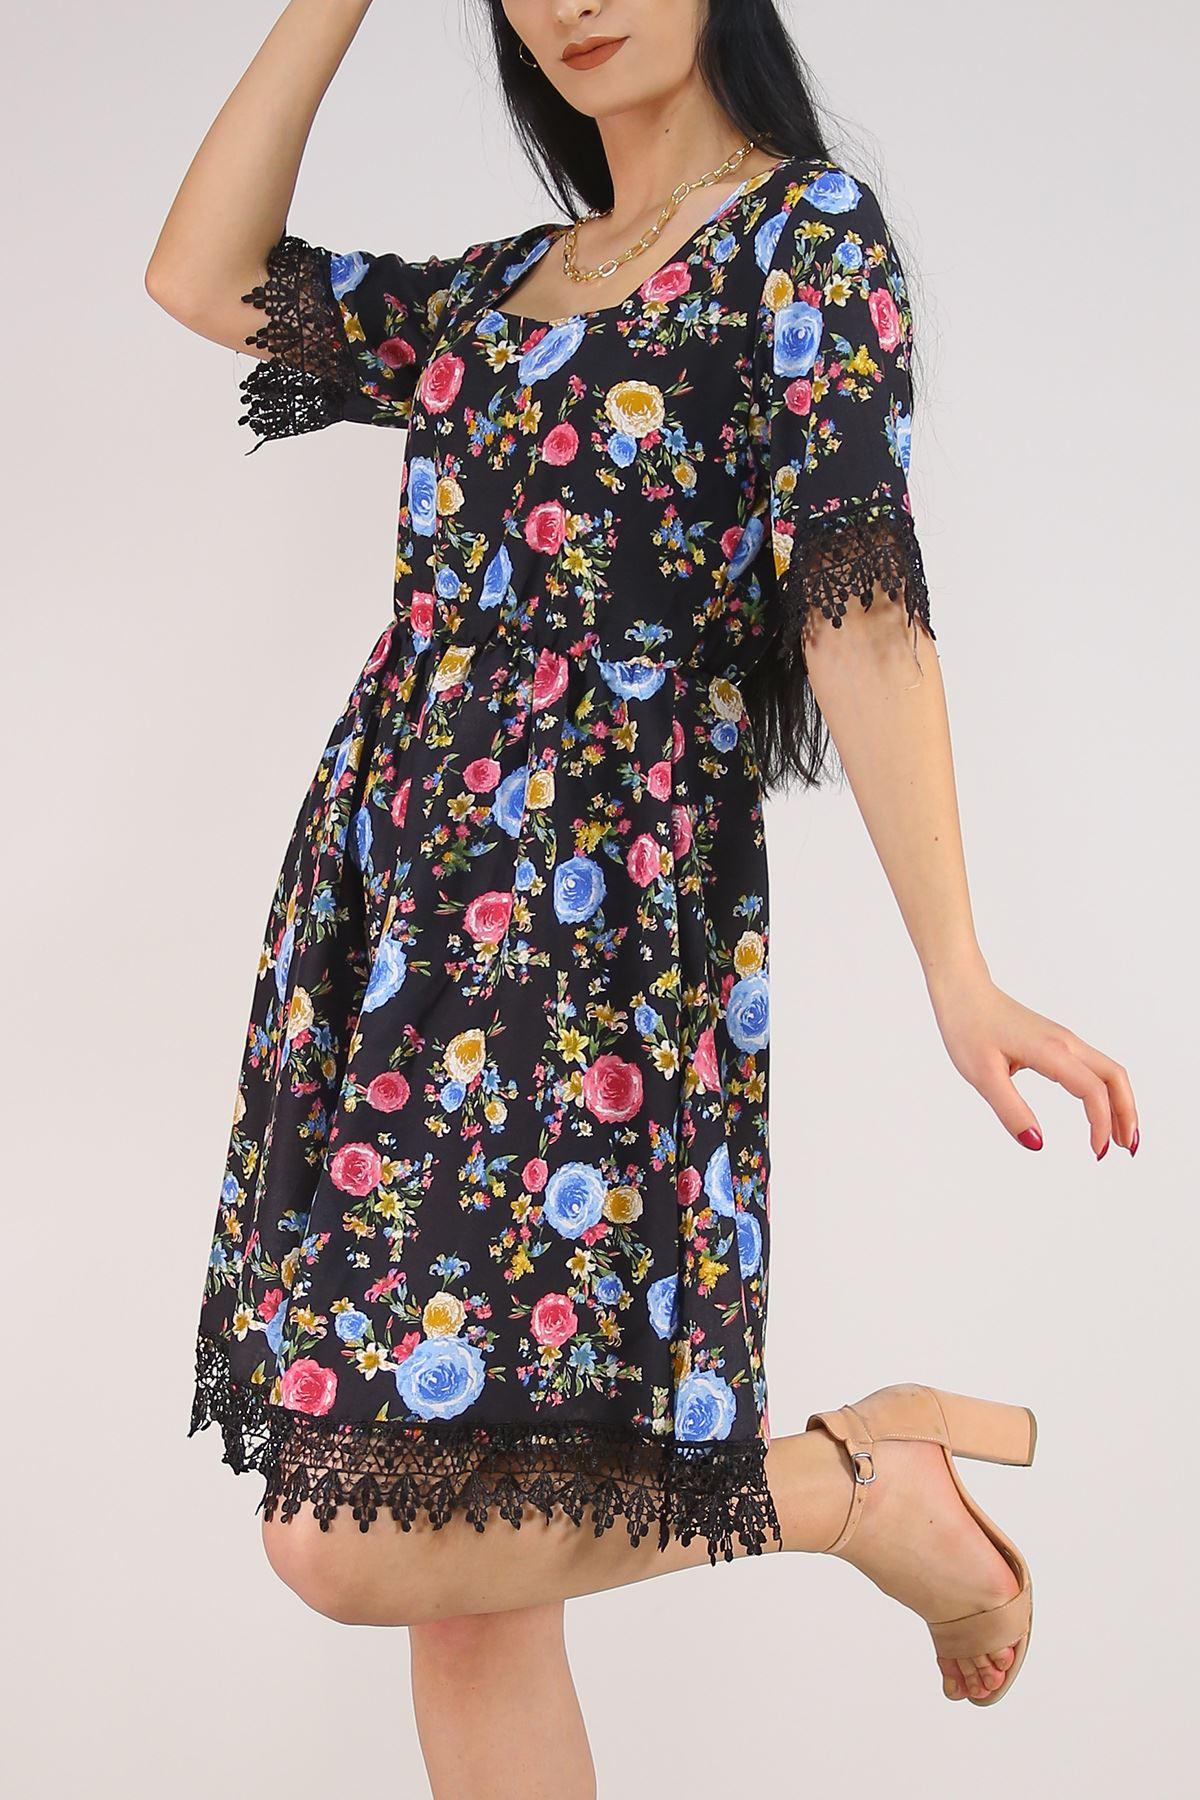 Güpür Garnili Elbise Siyahmavi - 5580.701.